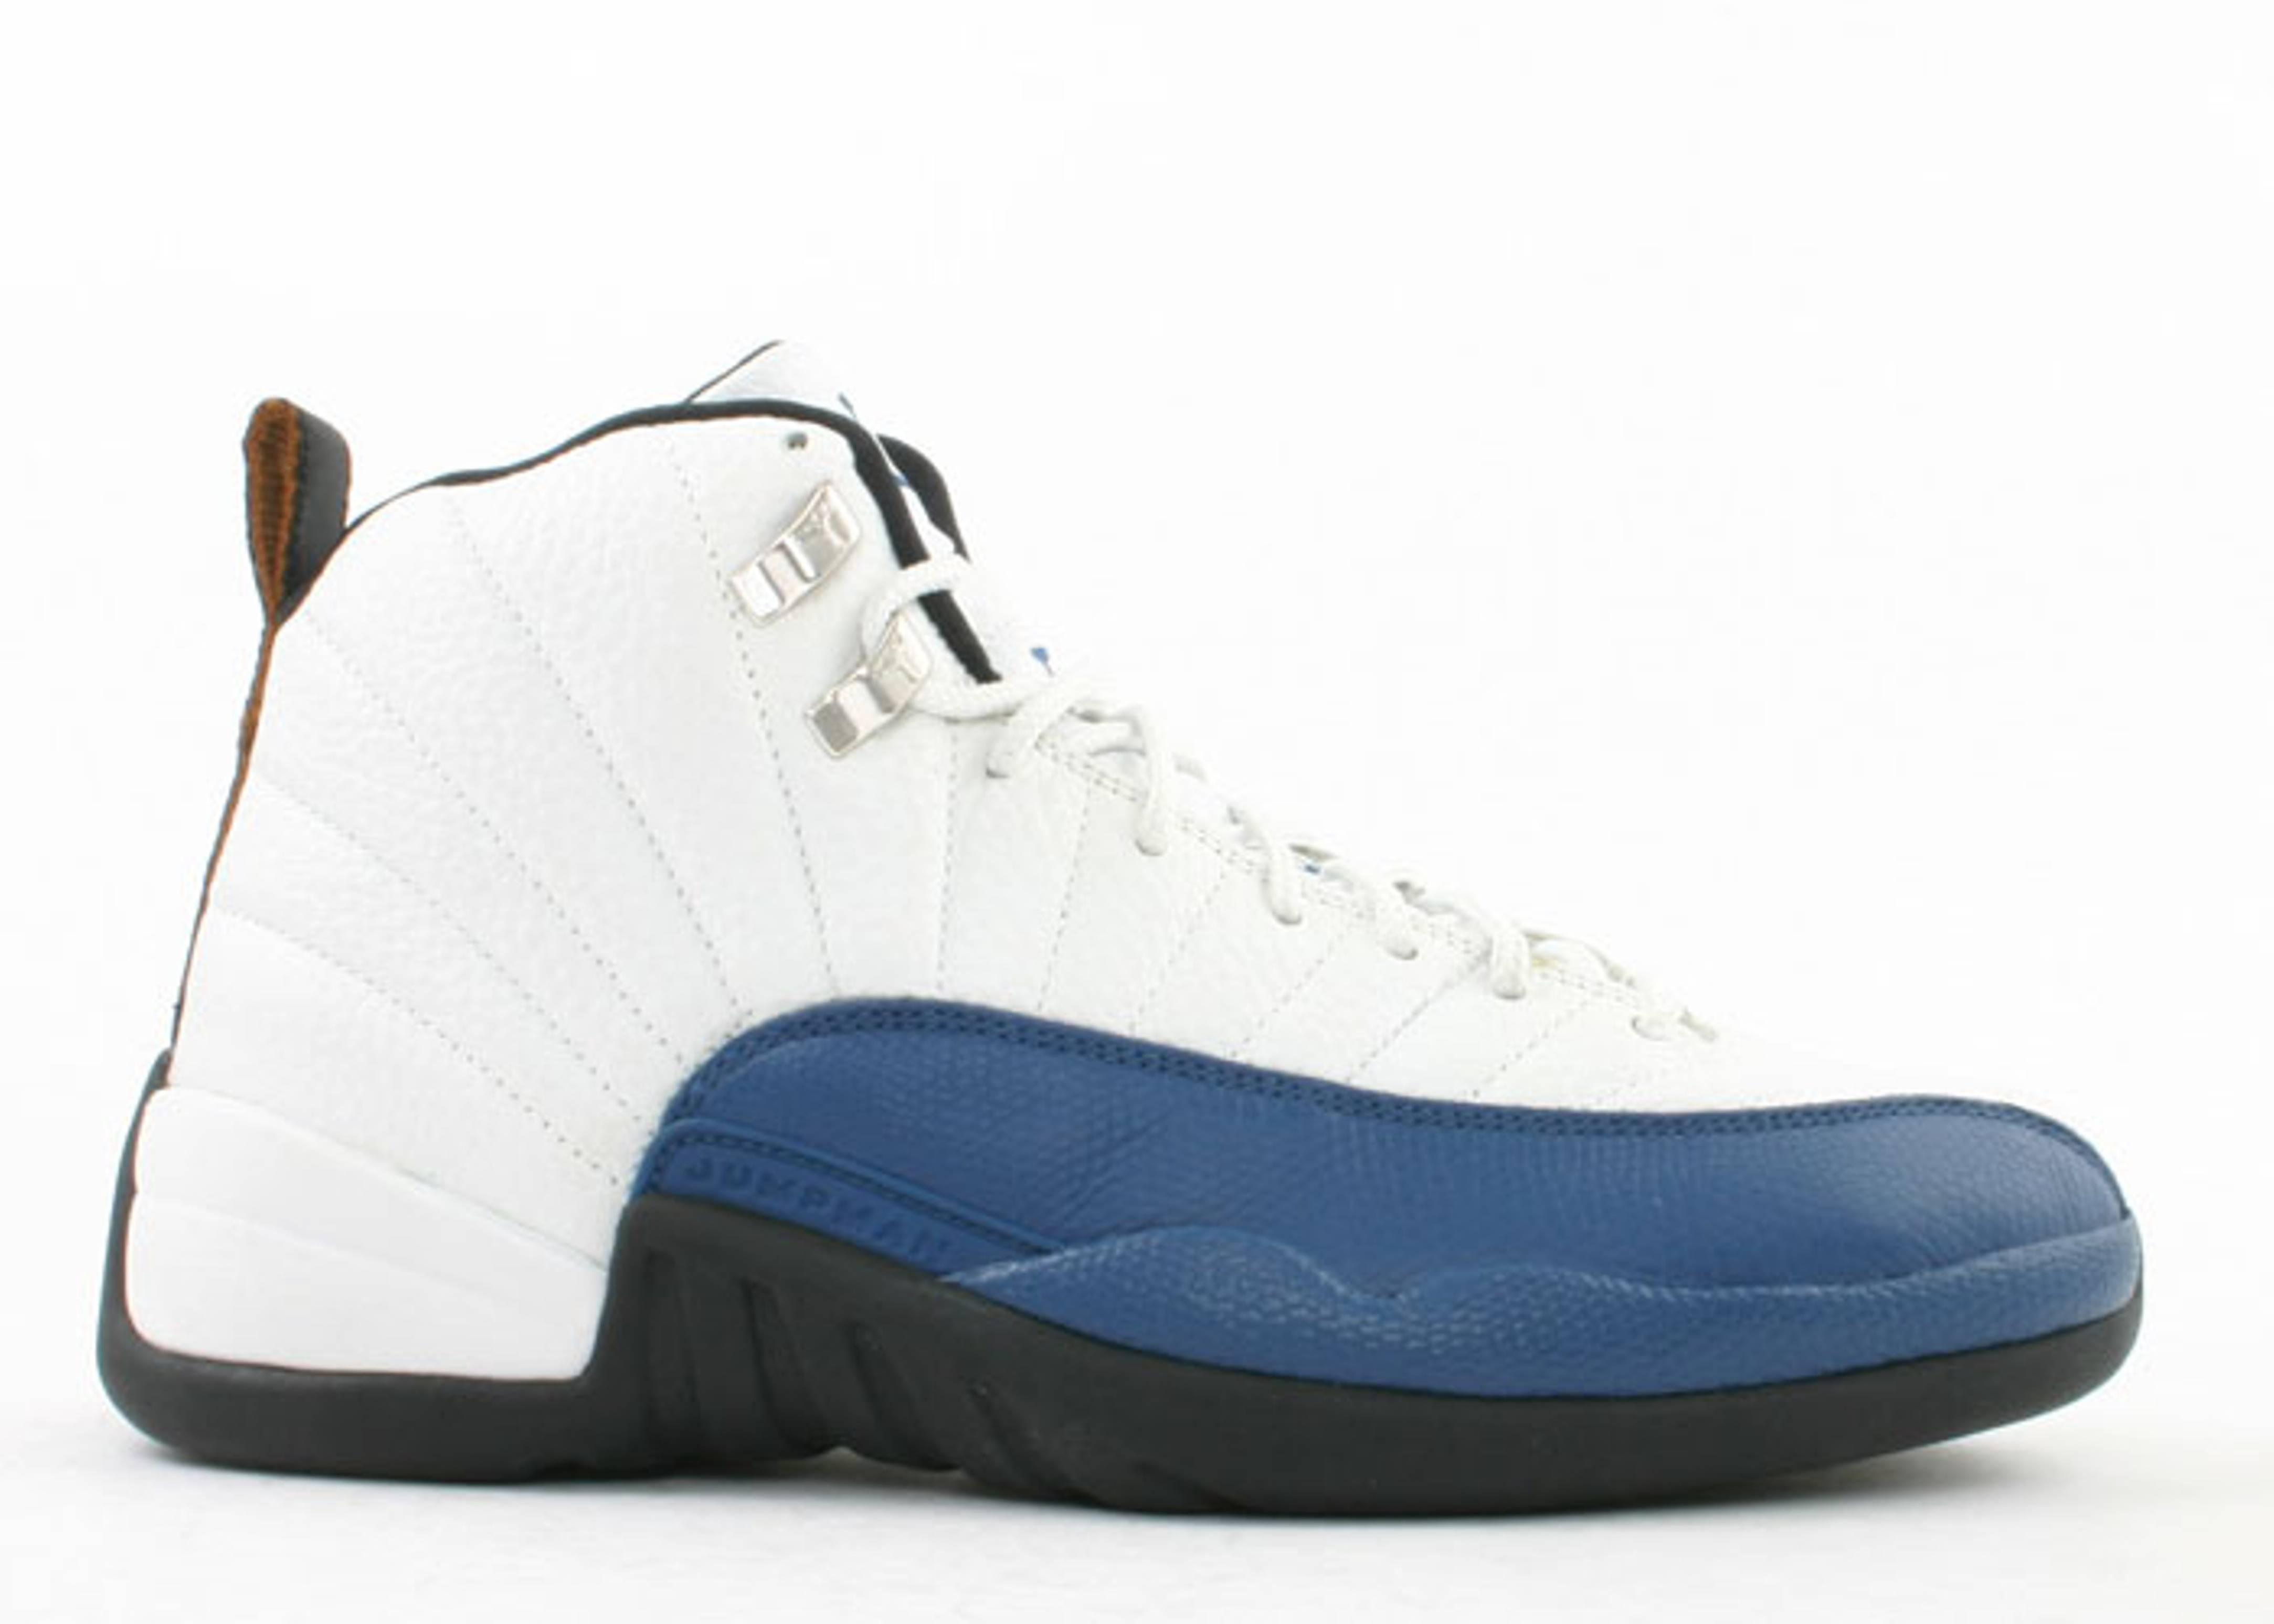 a753c09c845a53 Air Jordan 12 Retro - Air Jordan - 136001141a - white french blue ...